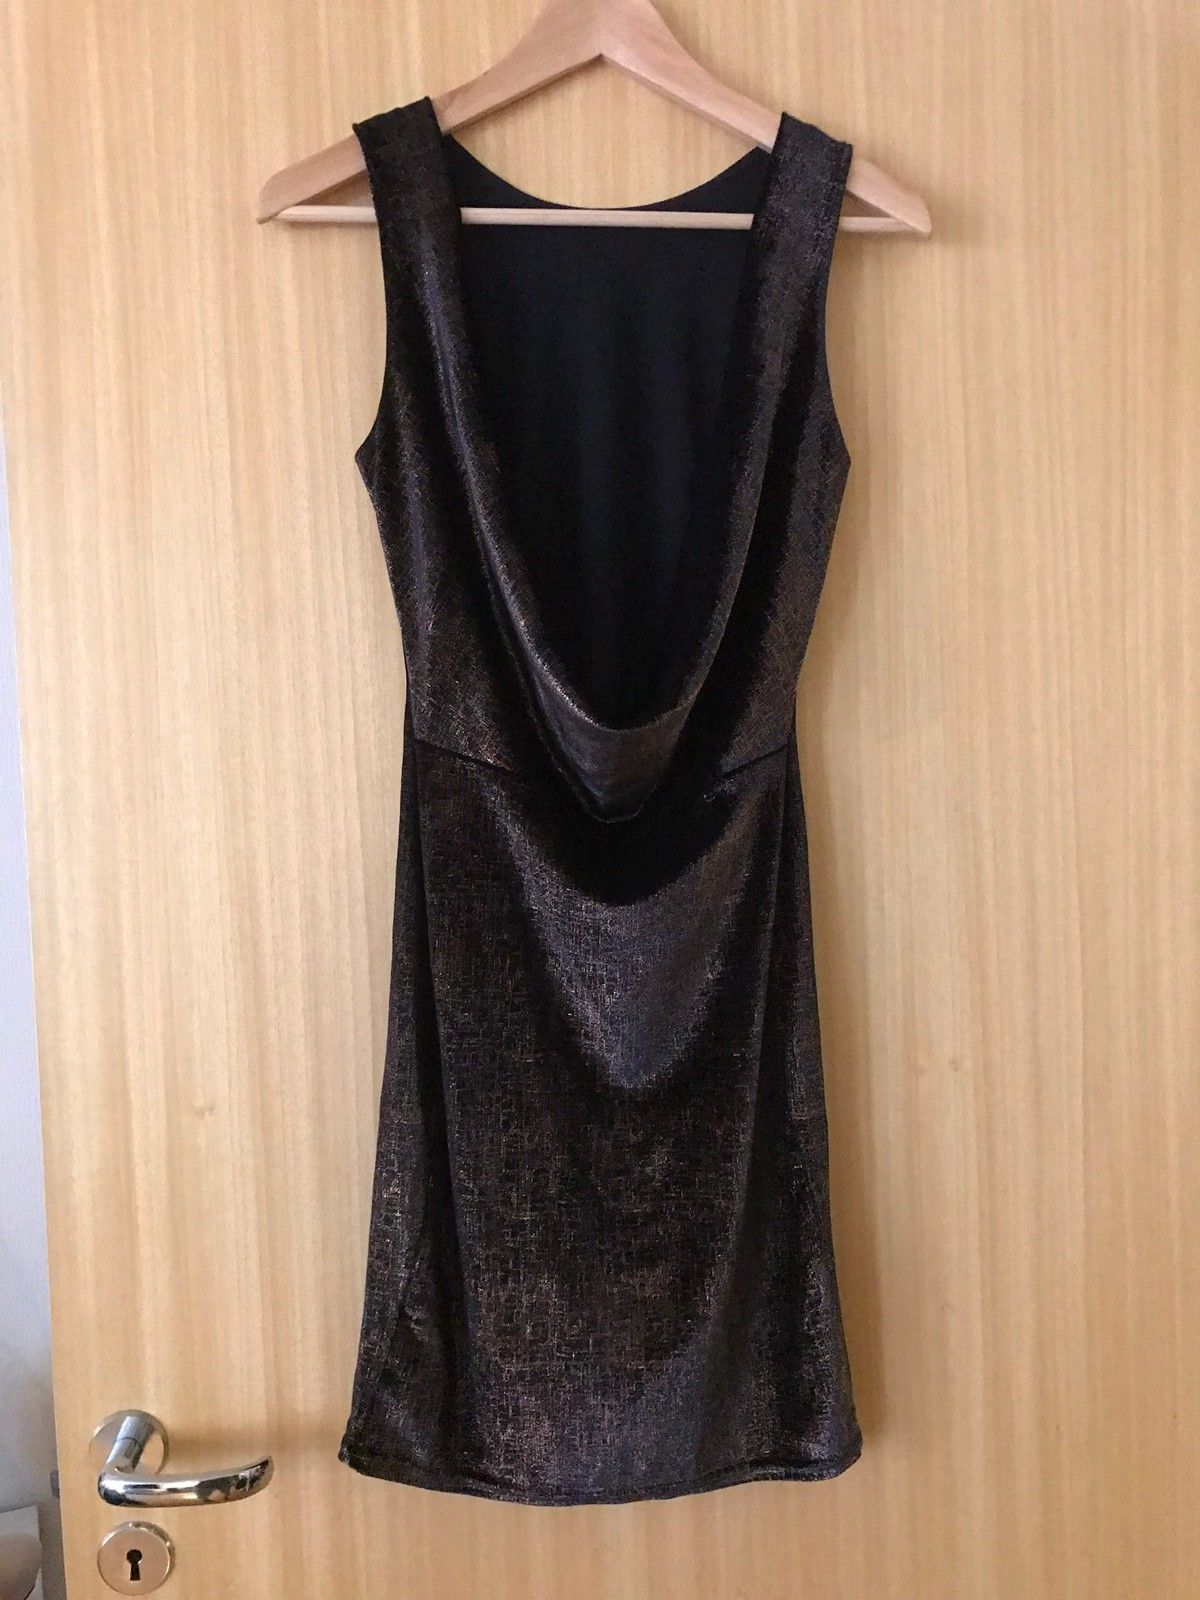 Kjole med åpen rygg, sort m gulldetaljer | FINN.no